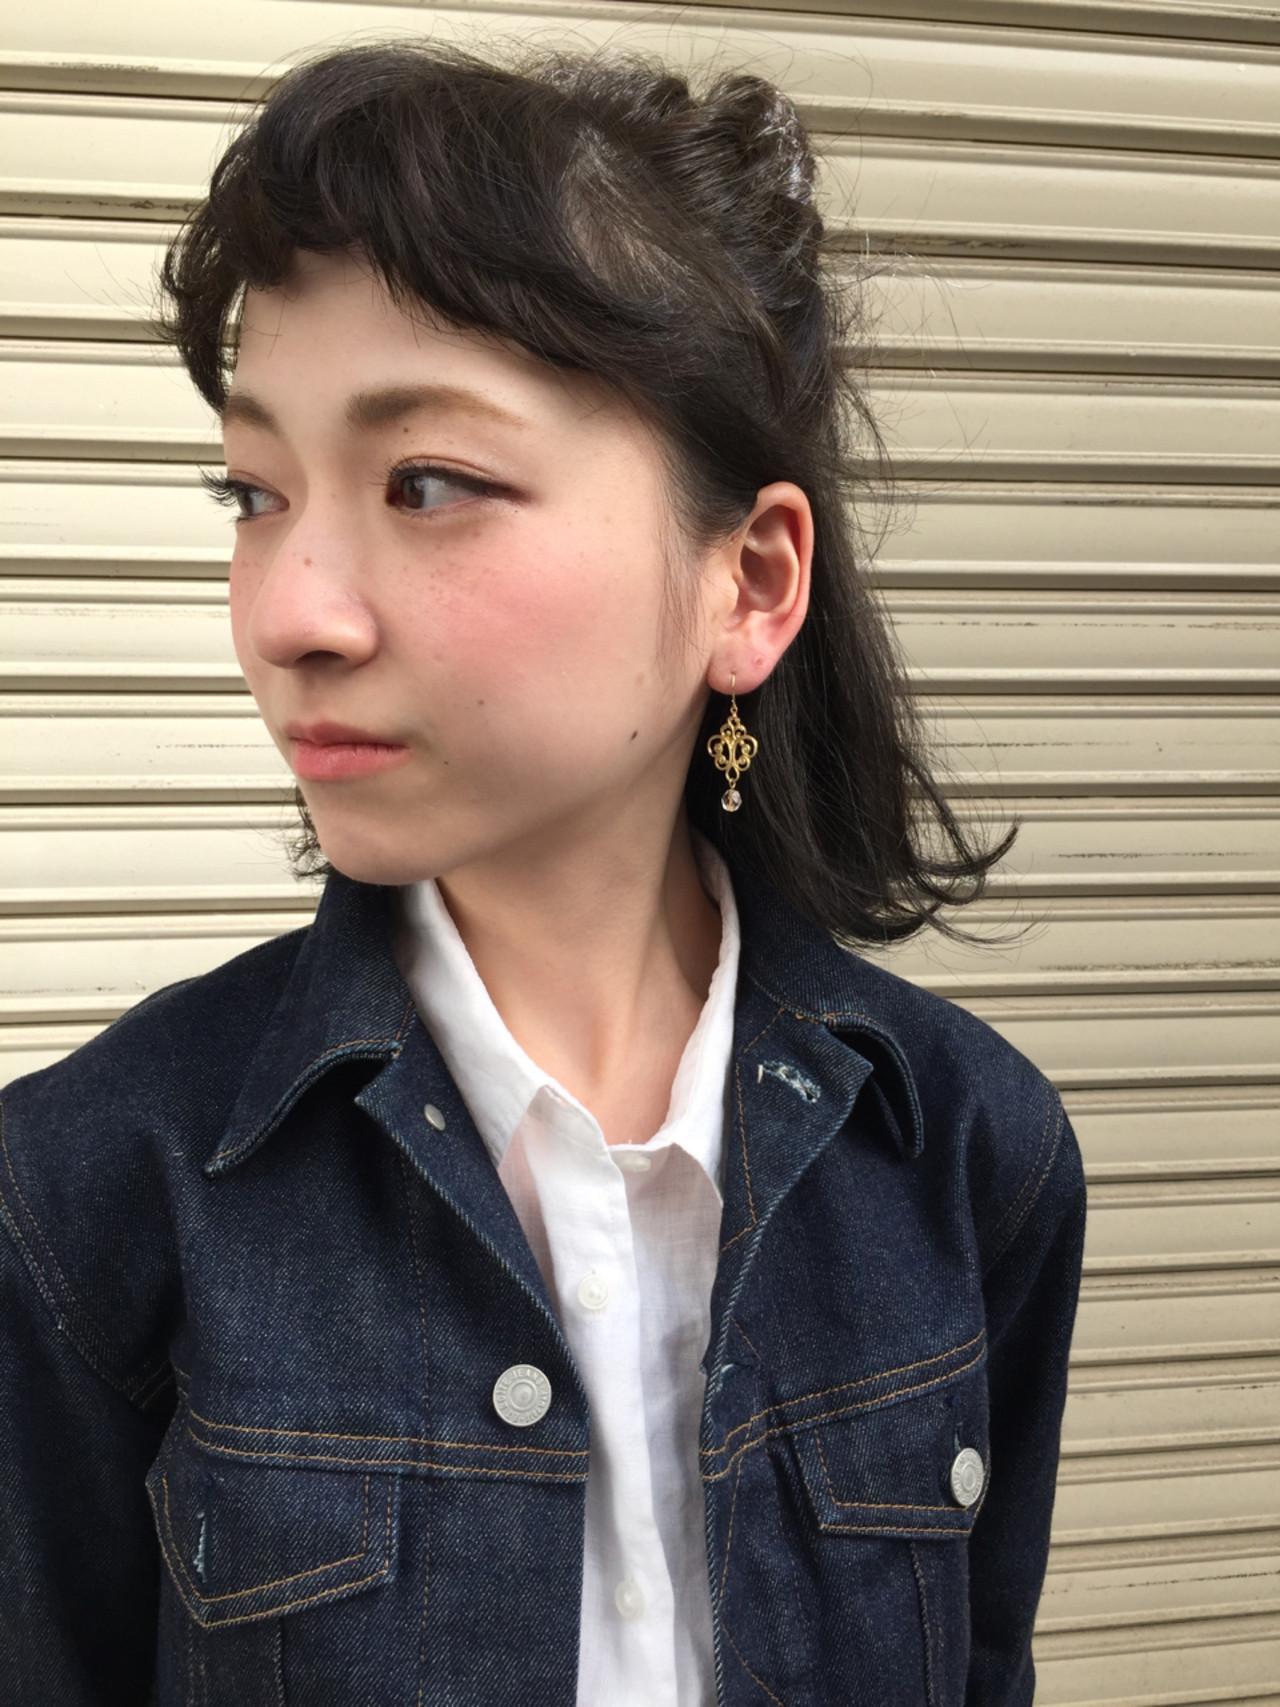 """""""ハーフアップ""""が大人女子におすすめな理由&スタイル紹介 YOSUKE KOJIMA"""